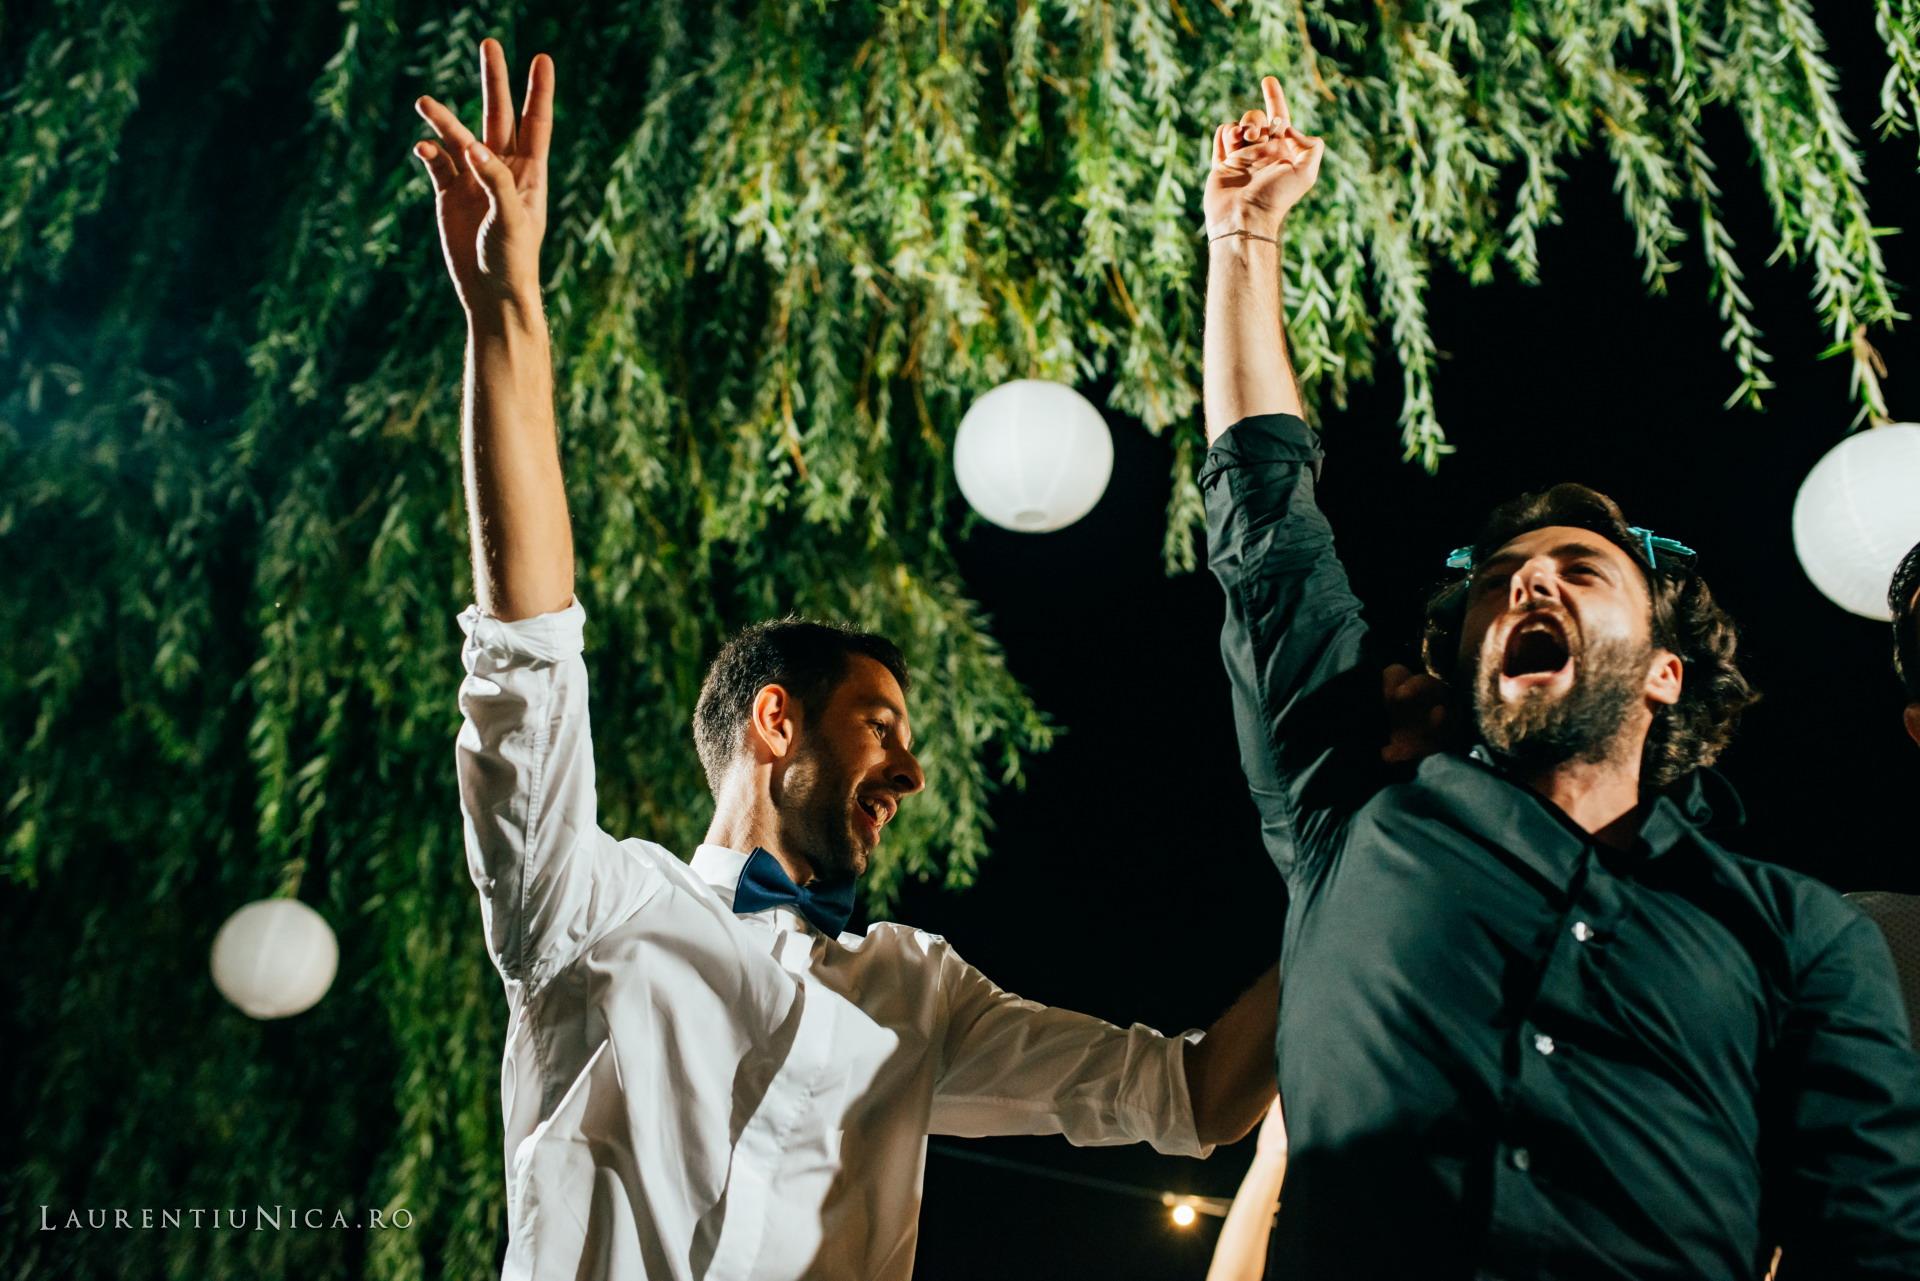 carolina si sorin craiova fotograf nunta laurentiu nica87 - Carolina & Sorin | Fotografii nunta